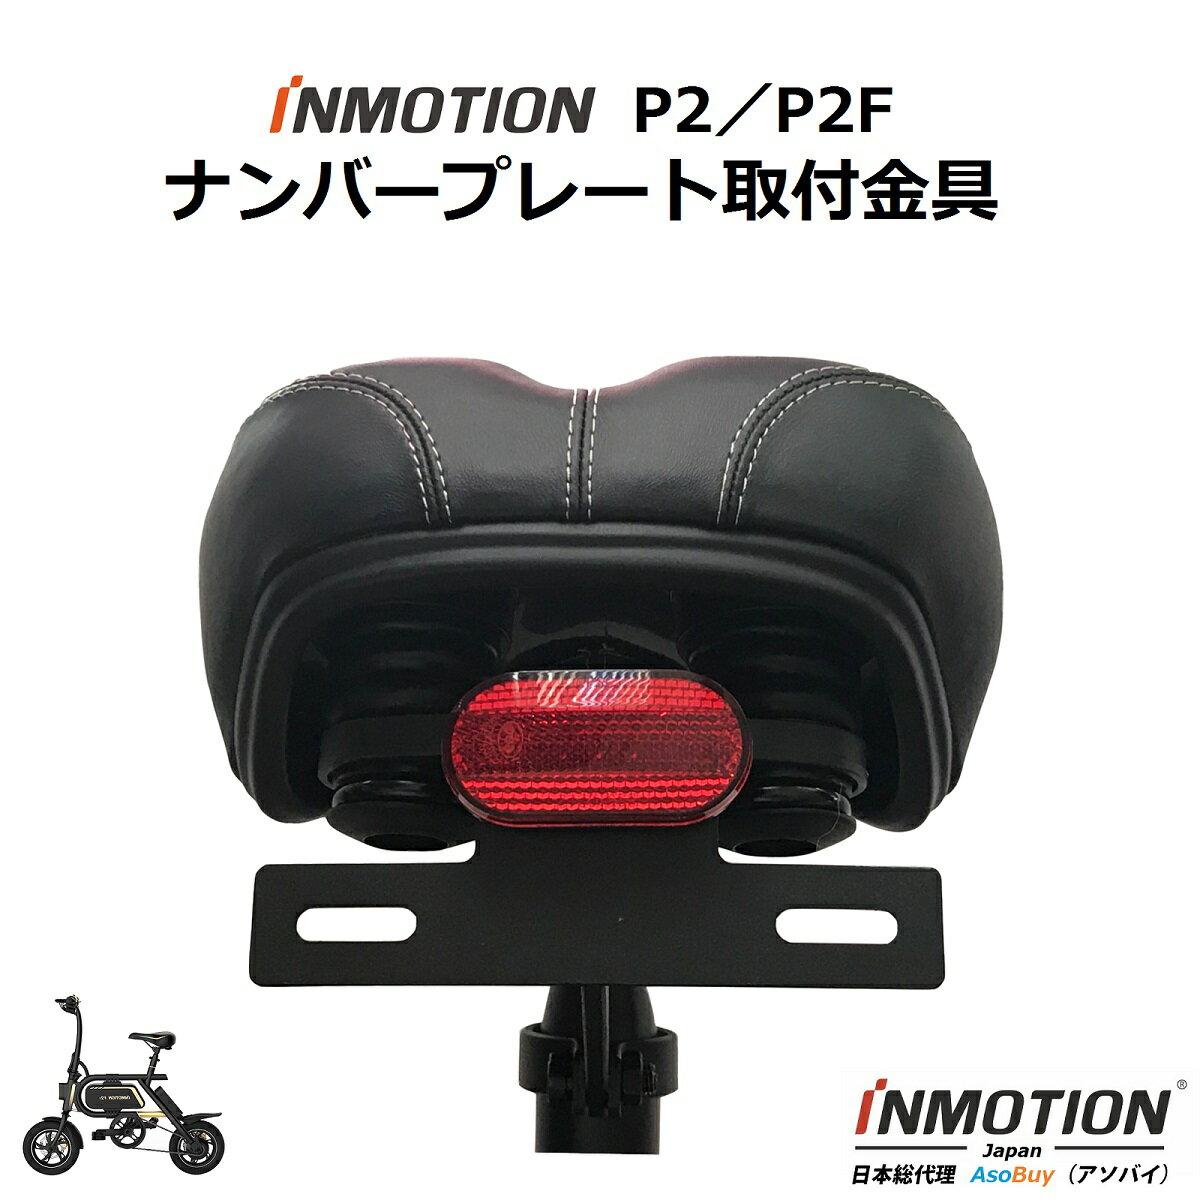 自転車・サイクリング, 電動アシスト自転車 INMOTION P2P2F ()